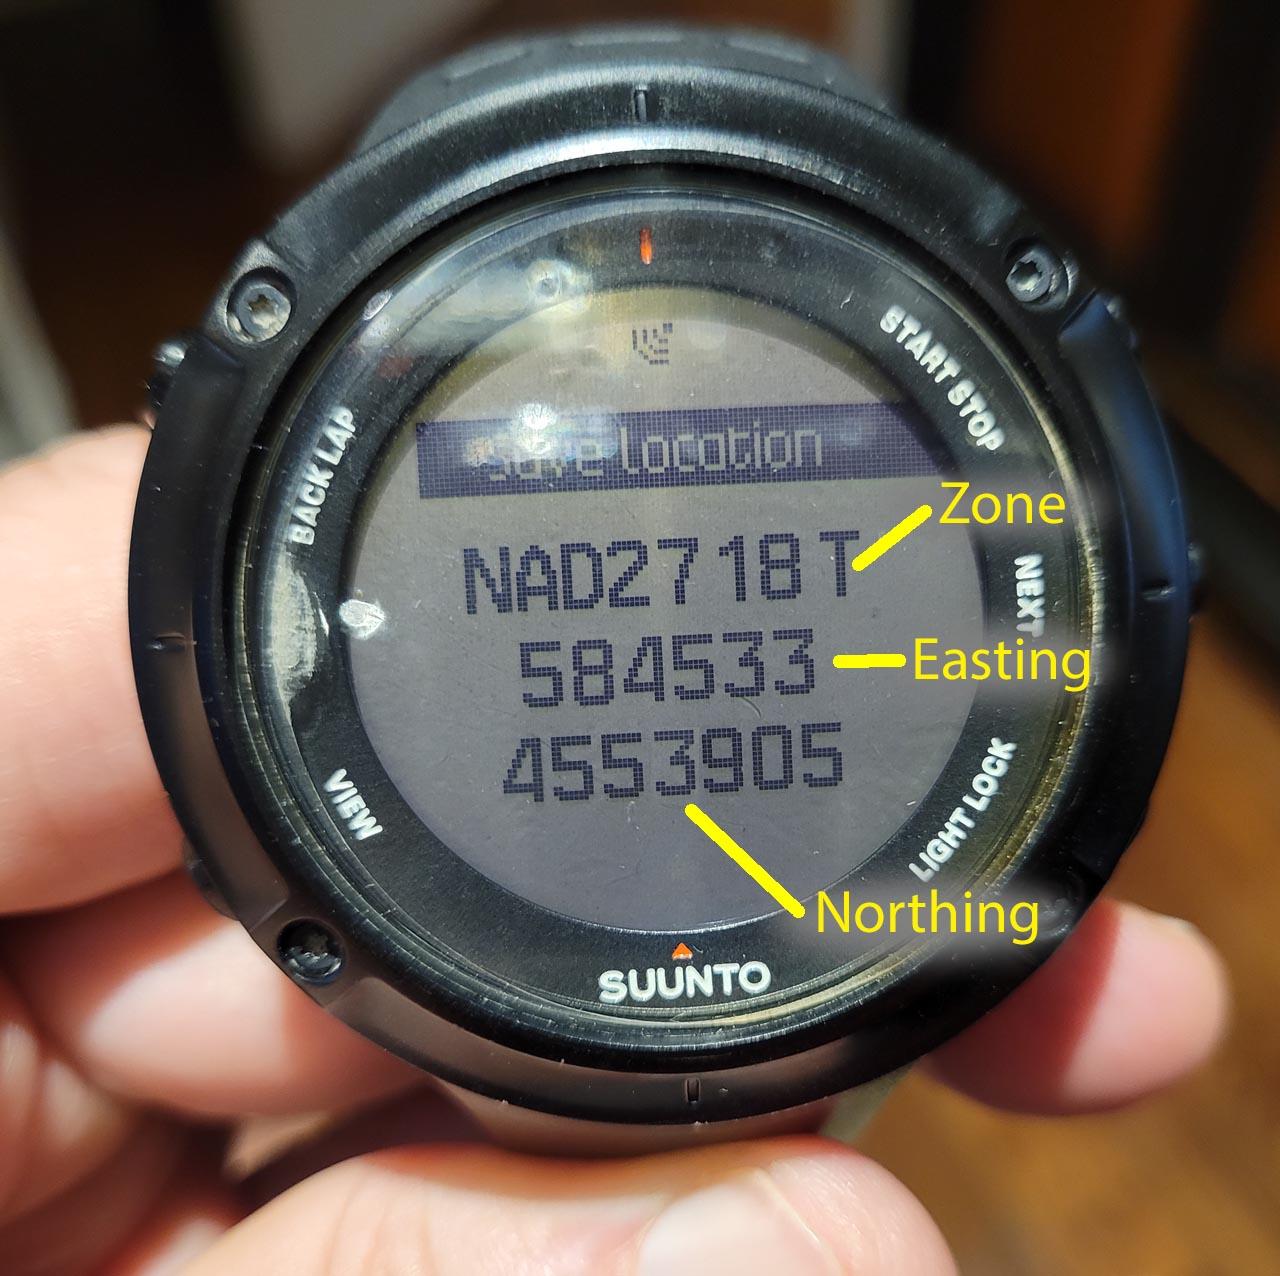 UTM coordinates GPS watch